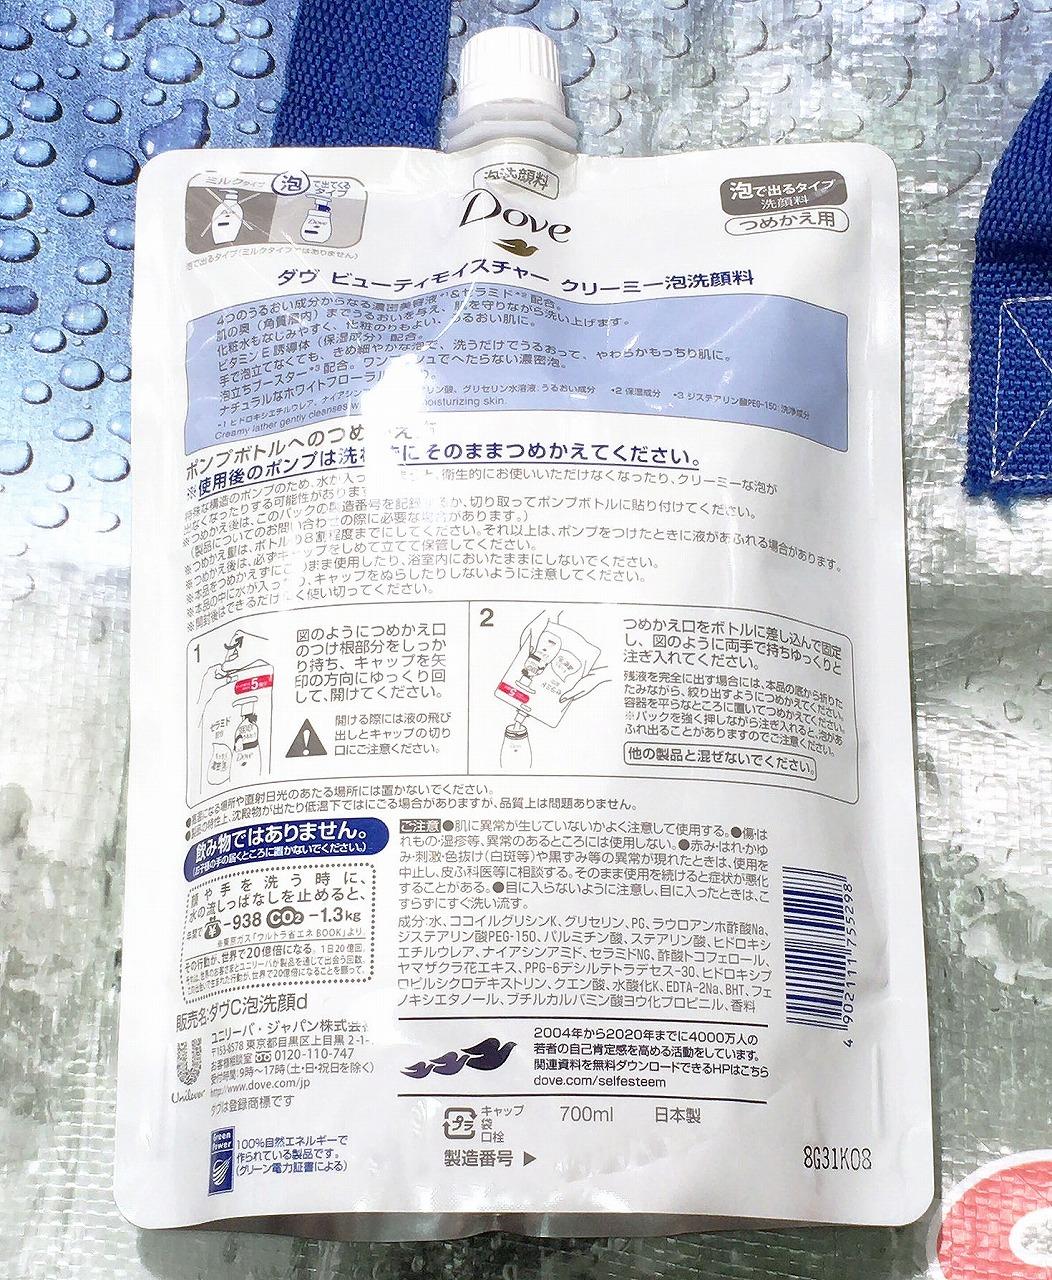 [3]が投稿したDOVE ビューティーモイスチャー 泡洗顔料の写真